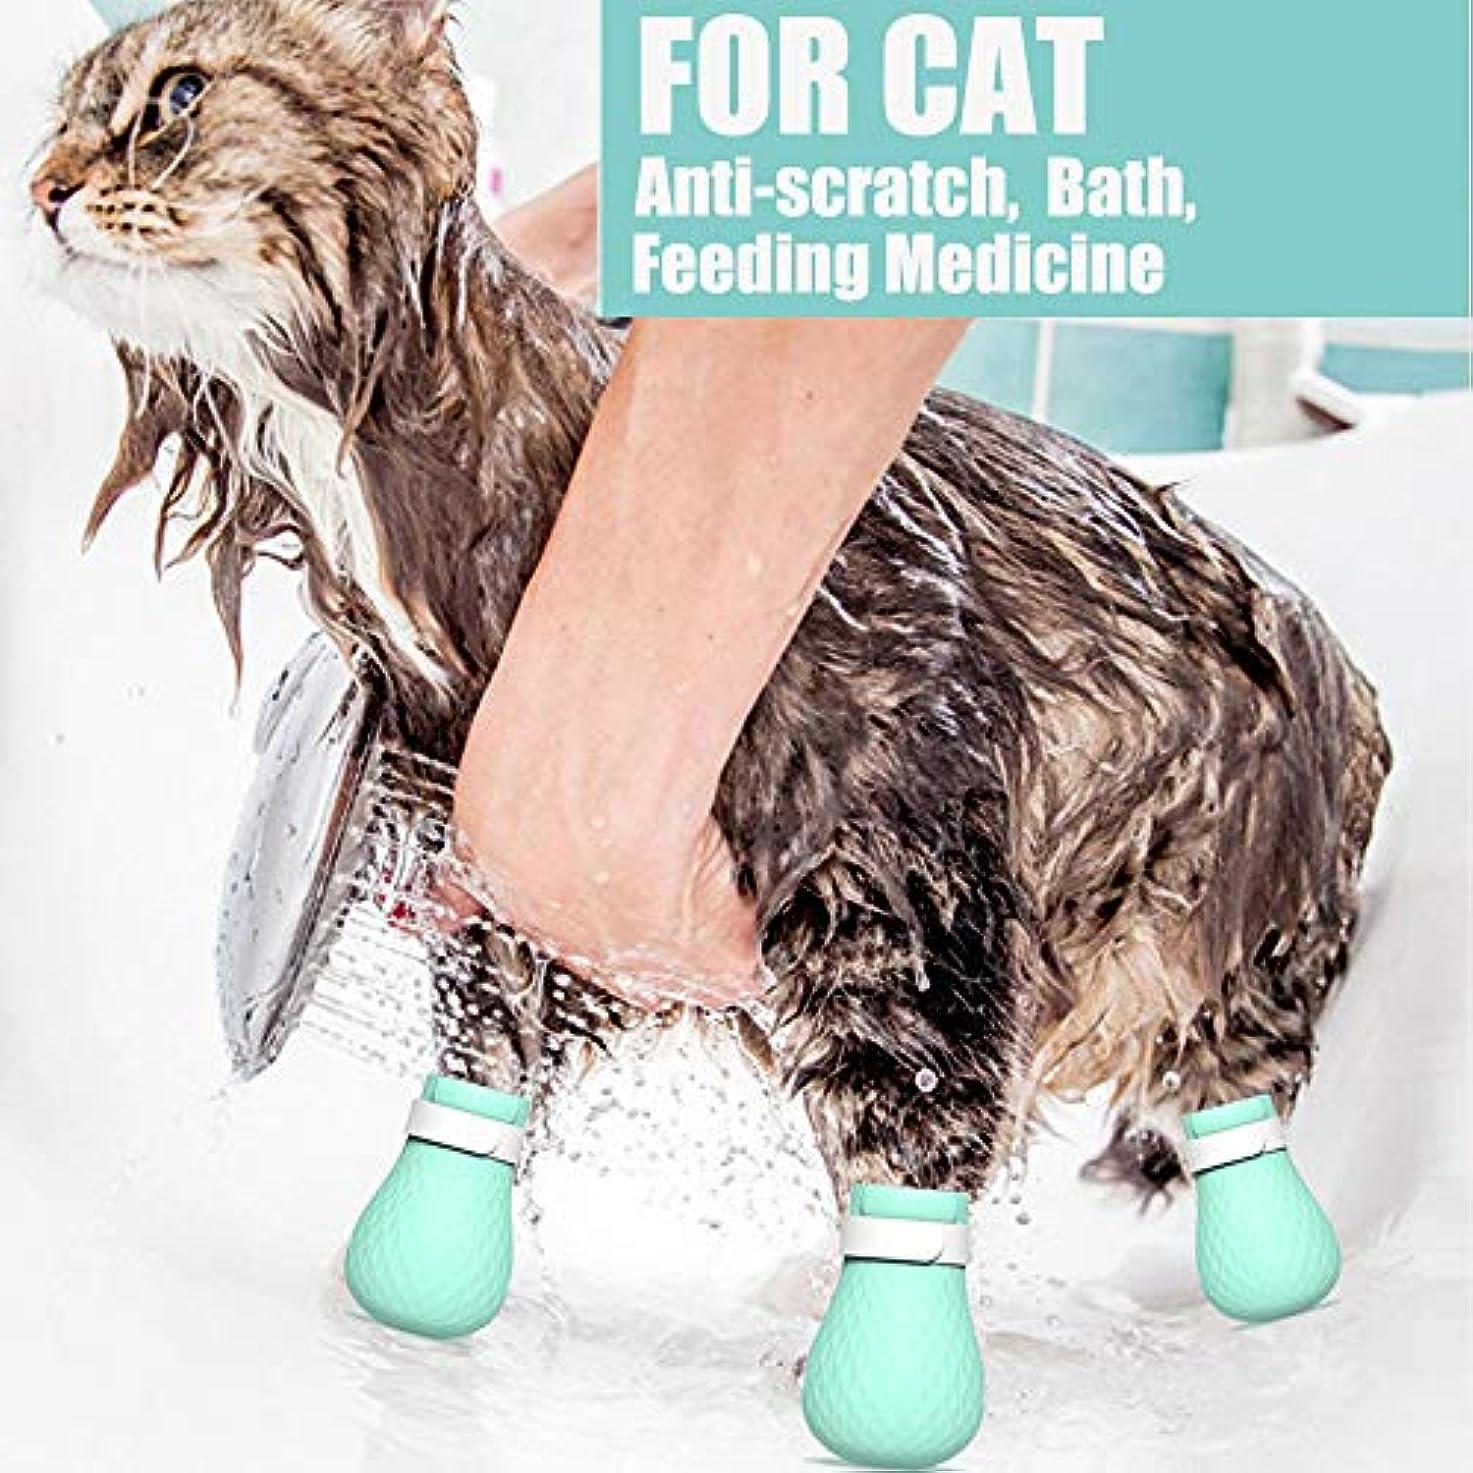 光のジュース近所の4 PCS Anti-Scratch Cat Foot Shoes for Home Bathing, Shaving Checking Treatment (GREEN)